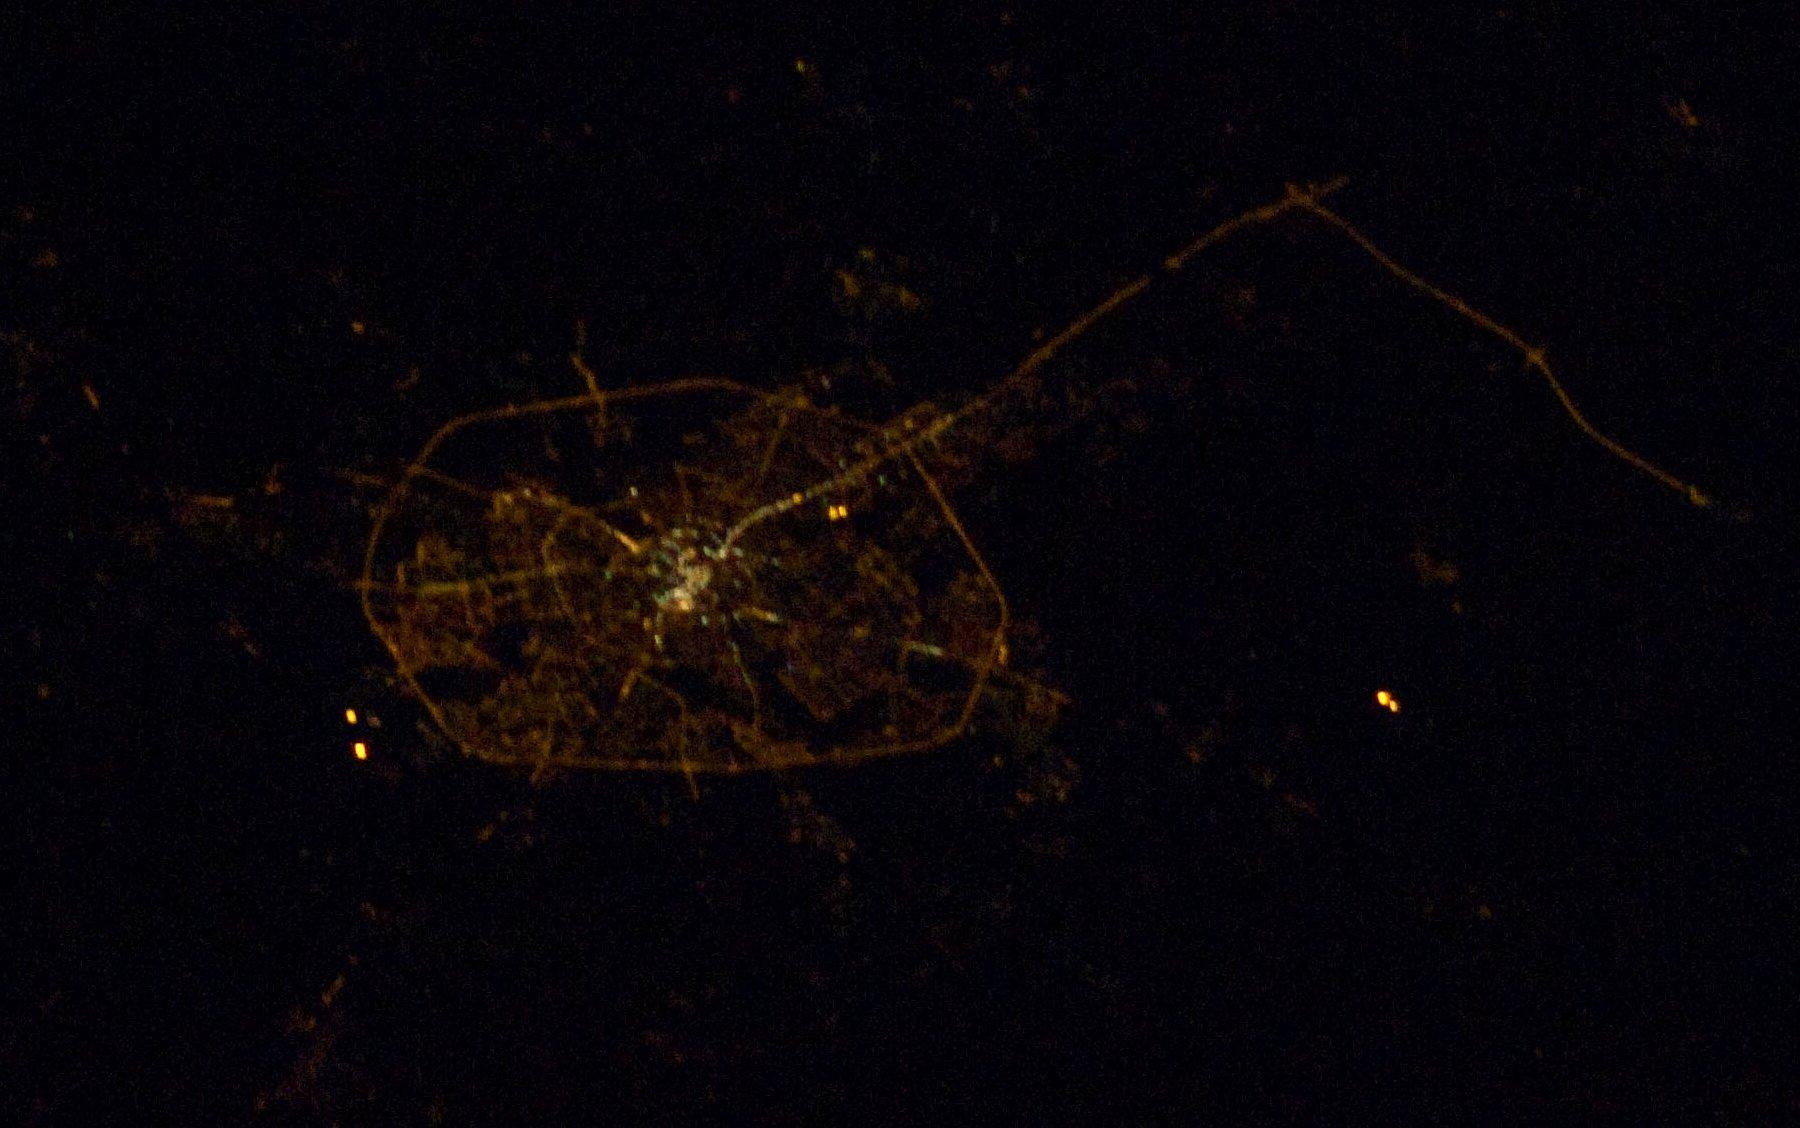 Hintergrundbilder : Nacht-, Licht, Atmosphäre der Erde, Himmel ...